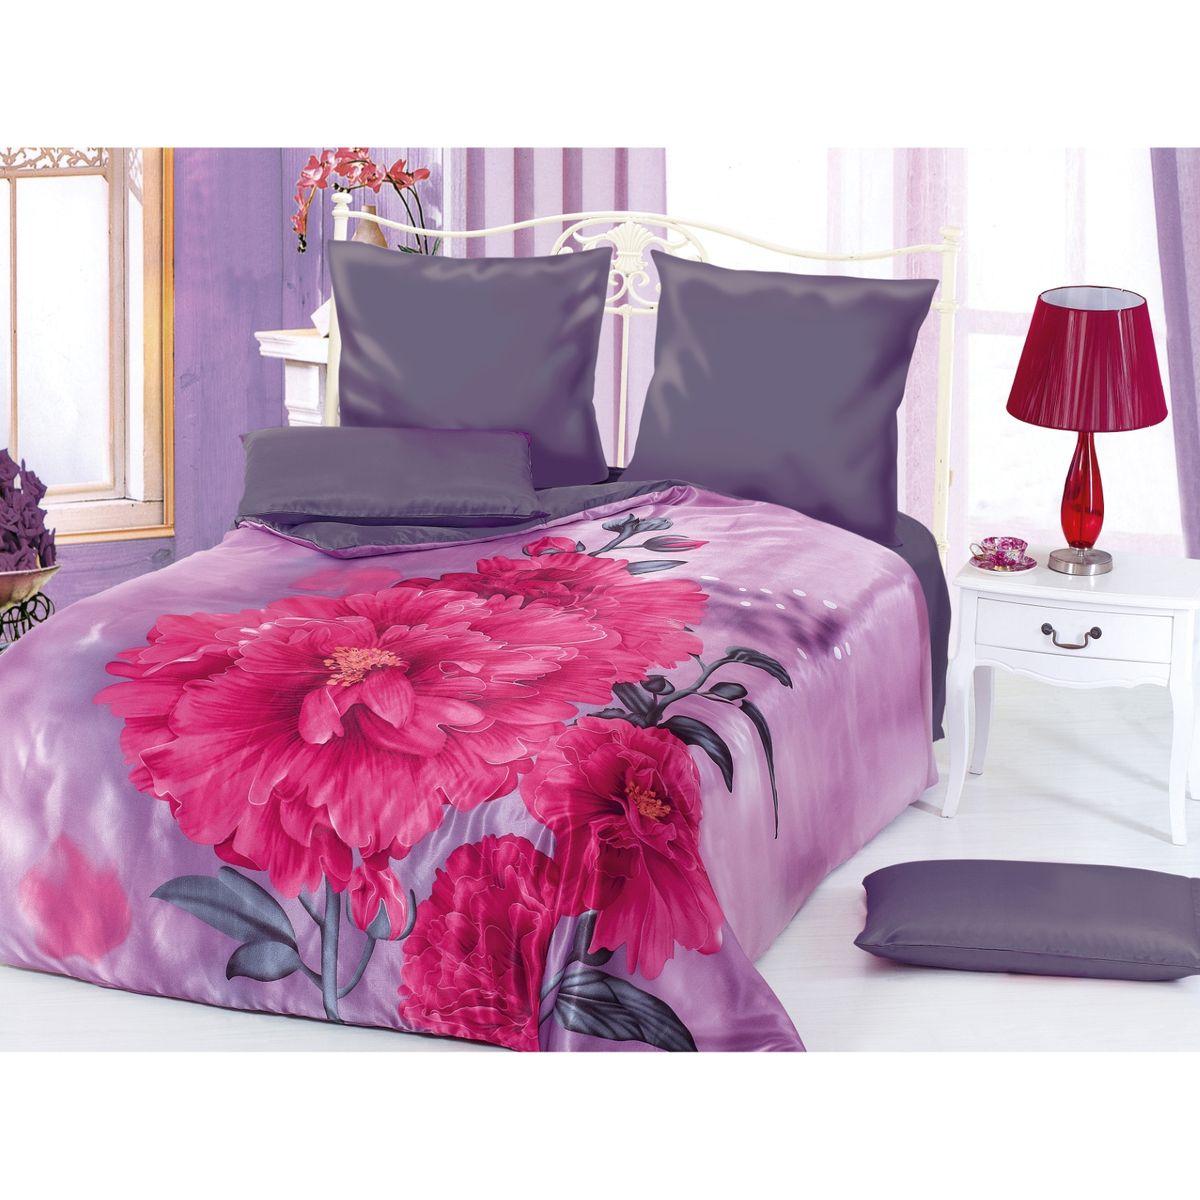 Комплект белья Этель Пион, 2-спальный, наволочки 70x70, 50х70, цвет: розовый, фиолетовый171644Комплект постельного белья Этель Пион состоит из пододеяльника на молнии, простыни и четырех наволочек. Удивительной красоты 3D рисунок, нанесенный на белье, сочетает в себе нежность и теплоту. Постельное белье Этель Пион создано для романтичных натур, которые любят изысканный дизайн. Белье изготовлено из искусственного шелка, отвечающего всем необходимым нормативным стандартам. Шелковая ткань очень прочная и мягкая, ее особая структура делает пребывание в постели комфортным. Неоспоримым плюсом белья из такой ткани является легкость, оно не мнется и отлично впитывает влагу, обеспечивает хорошую циркуляцию воздуха. Ткань устойчива к воздействию света (не выцветает и не линяет), сохраняя первозданную яркость красок. При соблюдении рекомендаций по уходу белье выдерживает много стирок, не теряет свою прочность. Уникальная ткань обеспечивает легкую глажку. Приобретая комплект постельного белья Этель Пион, вы можете быть уверены в том, что...